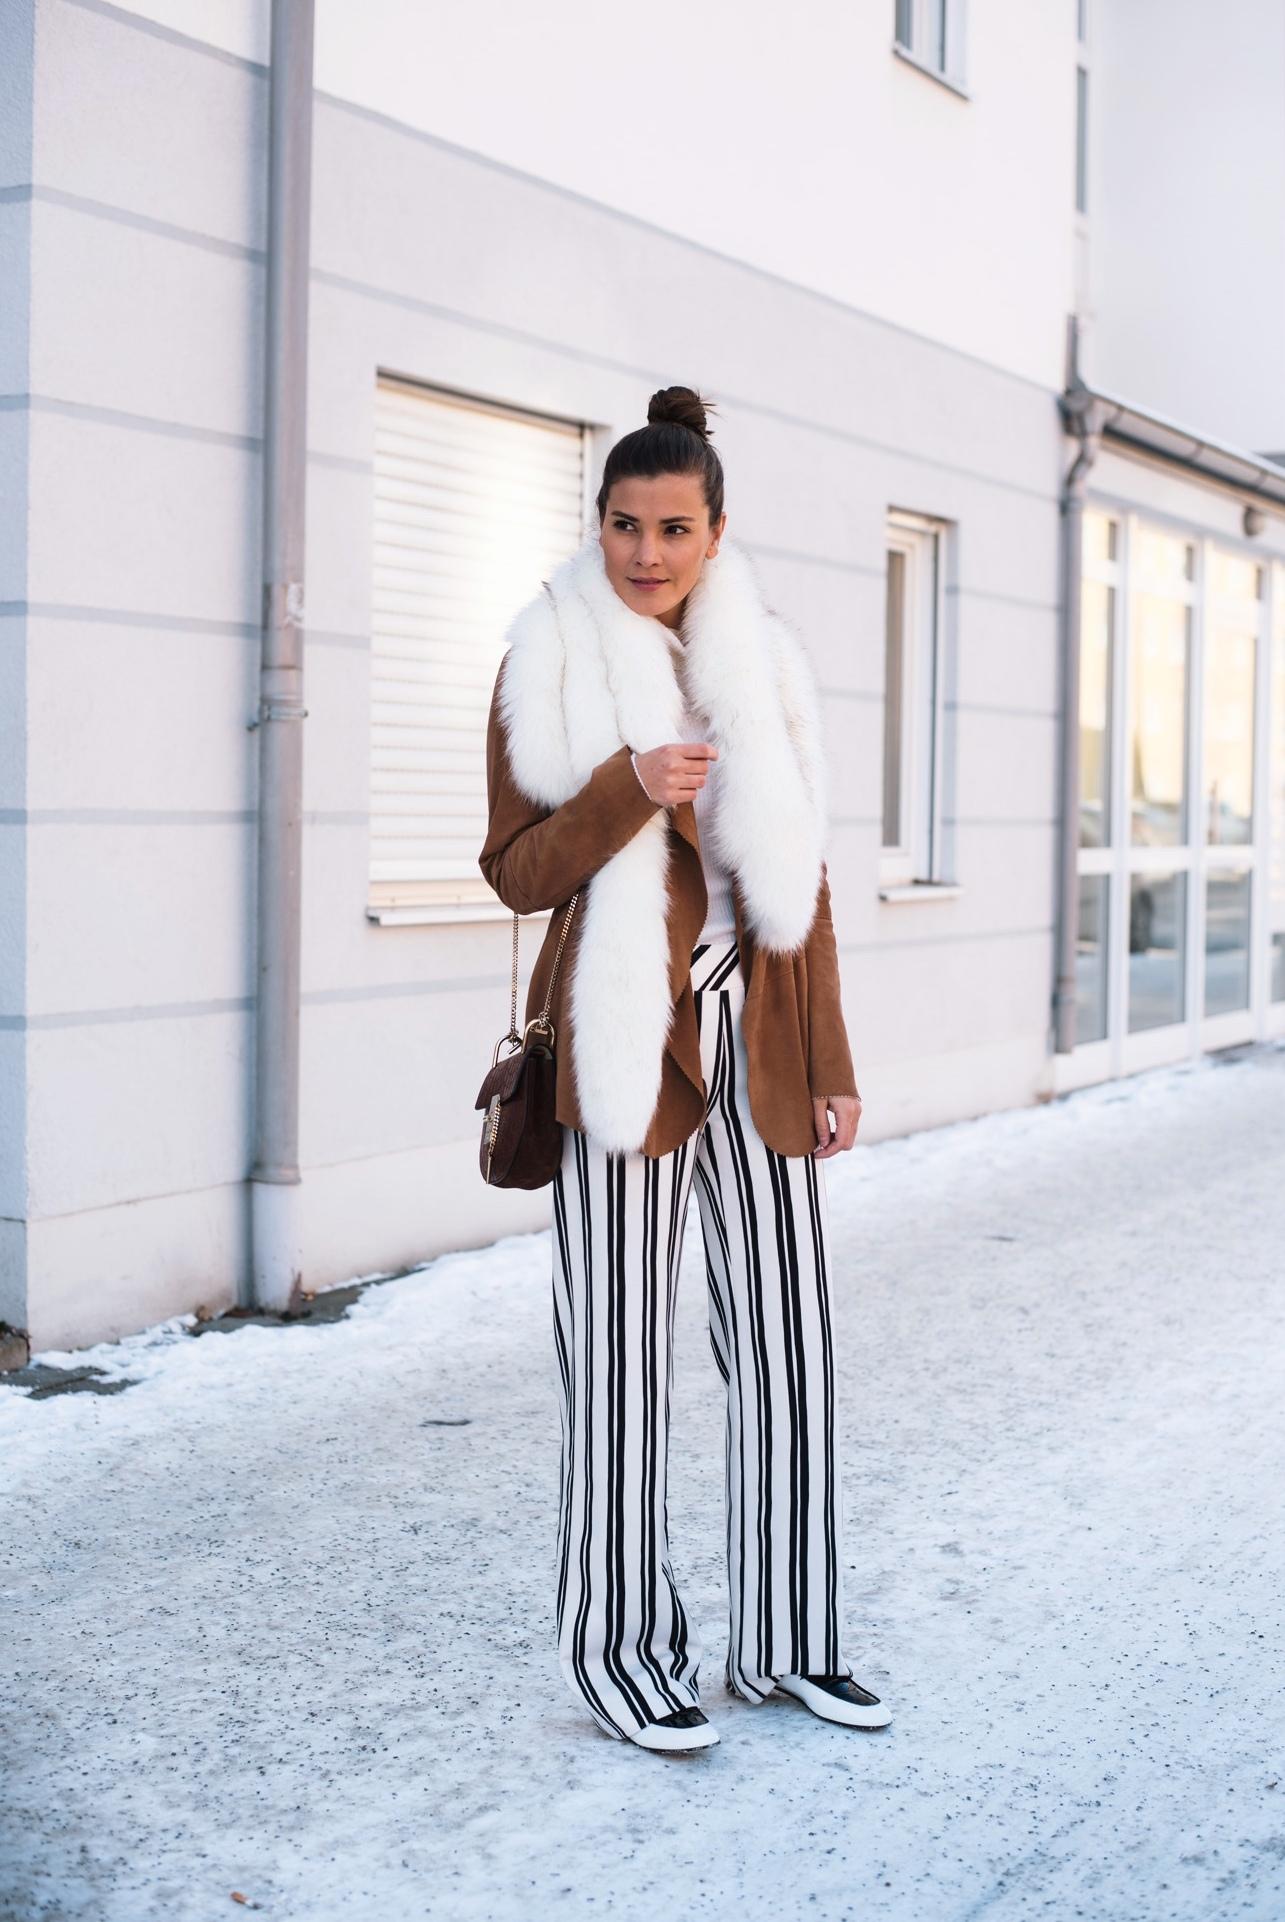 blogger-mit-minimalistischem-kleidungs-stil-nina-schwichtenberg-fashiioncarpet